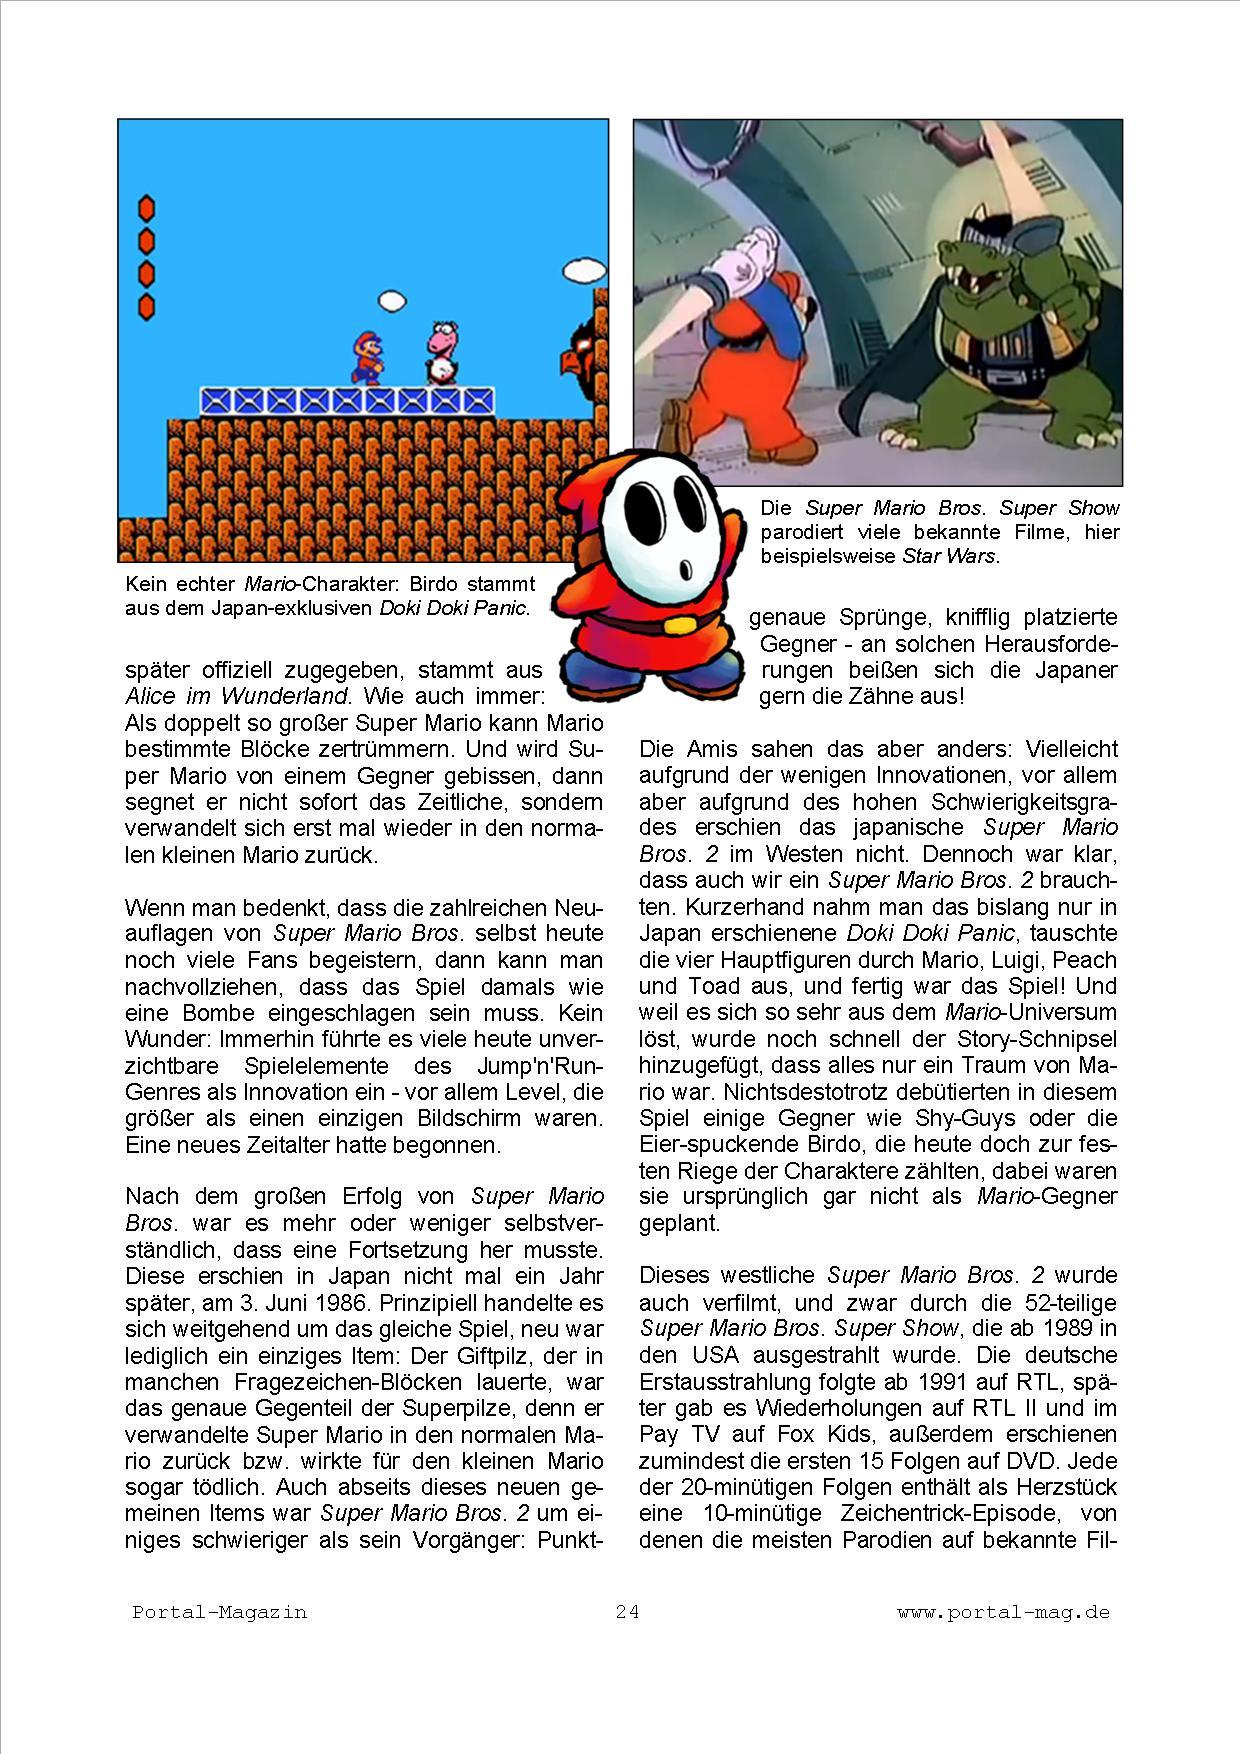 Ausgabe 32, Seite 24